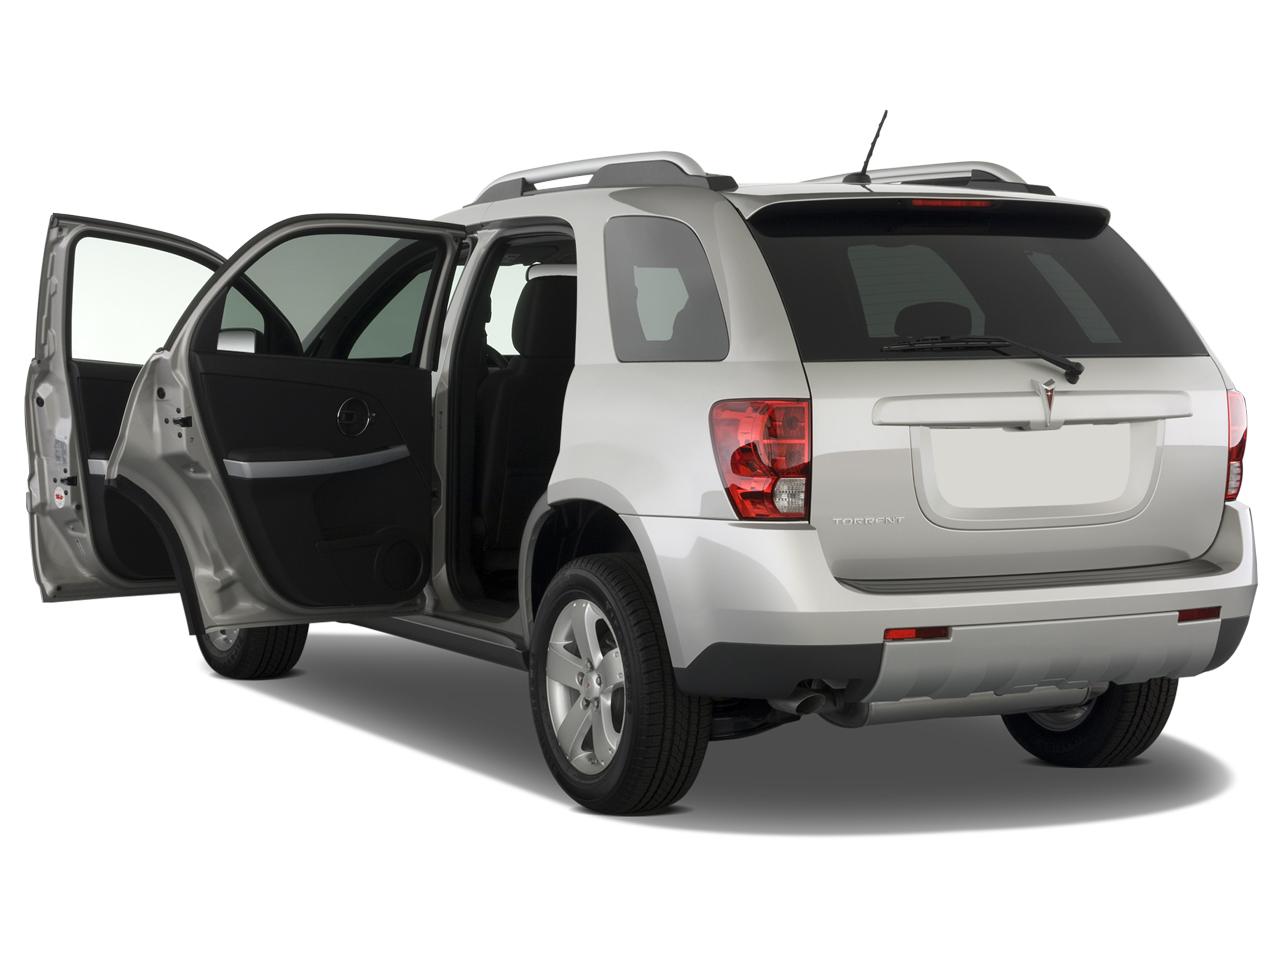 Pontiac Torrent 2005 - 2009 SUV 5 door #1